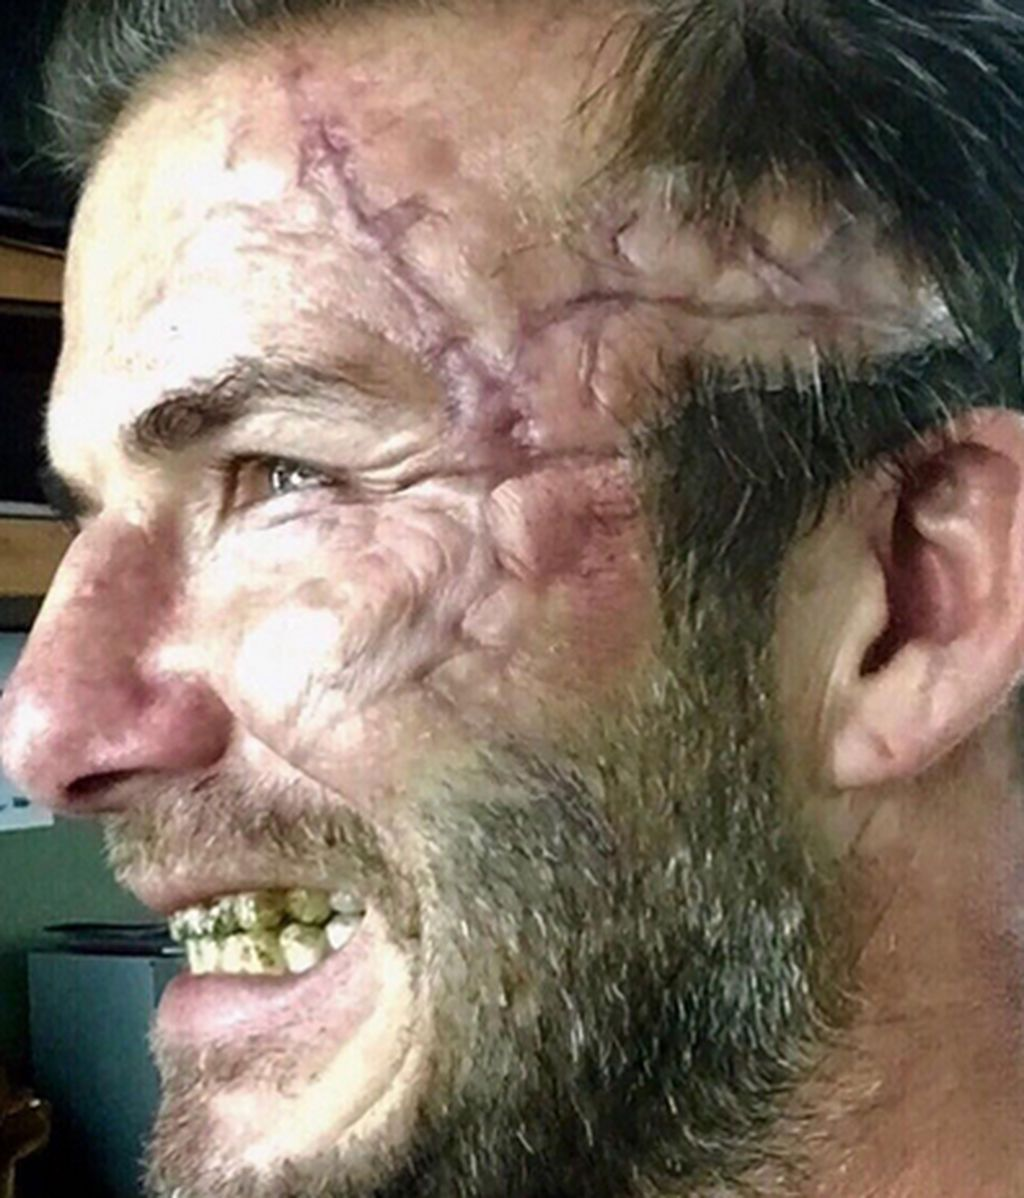 ¿Qué le ha pasado a Beckam en la cara?